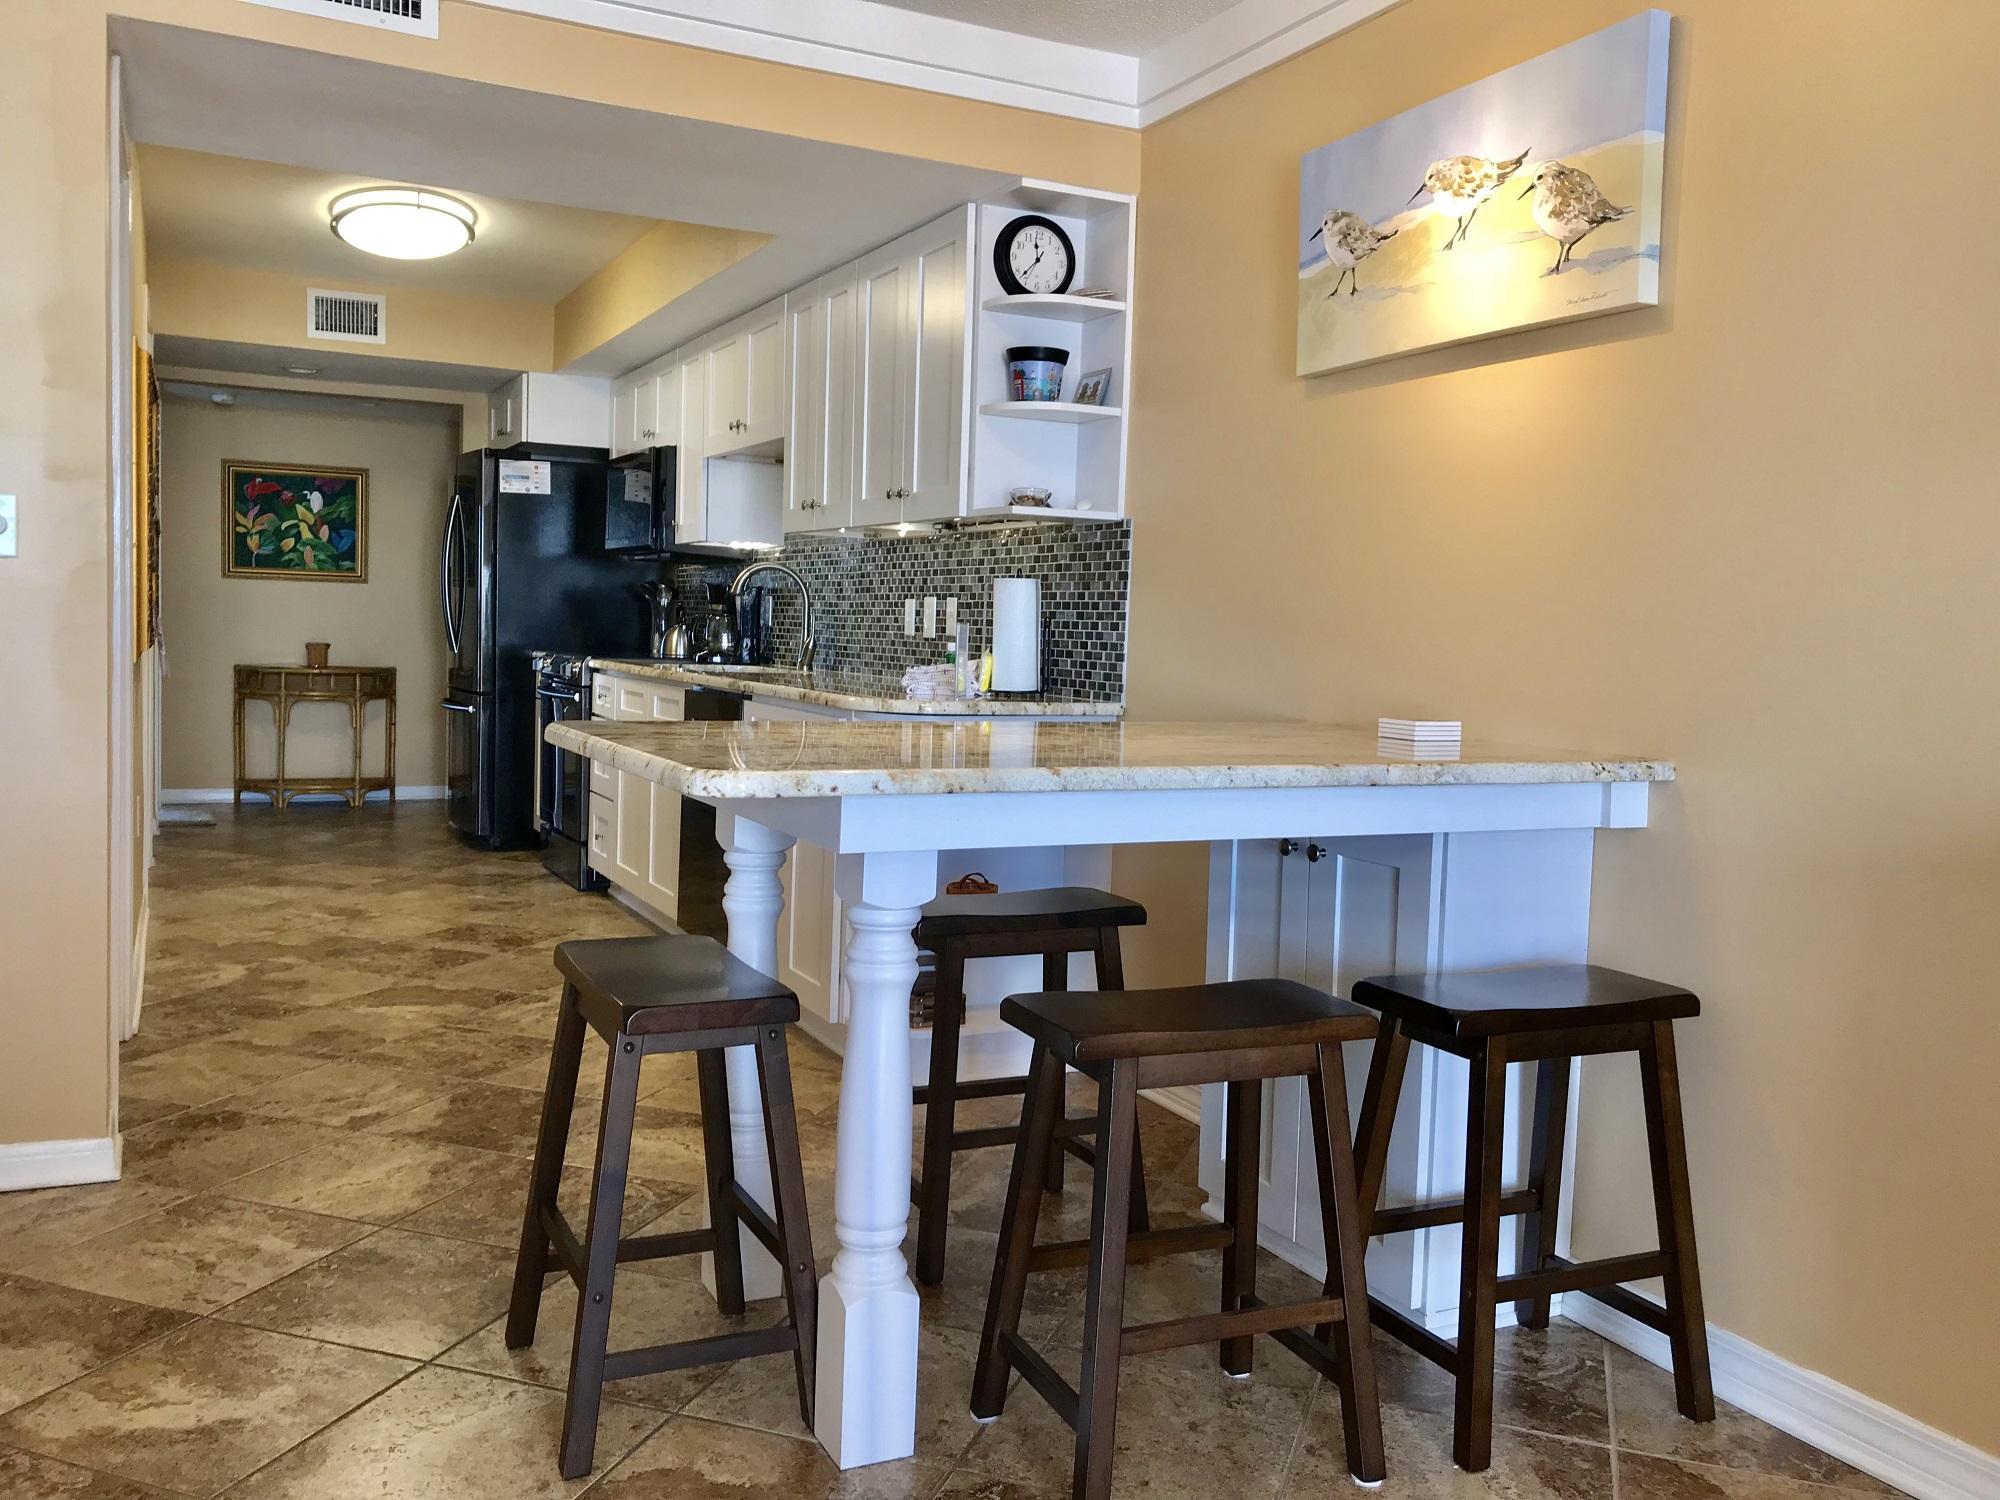 Ocean House 2606 Condo rental in Ocean House - Gulf Shores in Gulf Shores Alabama - #20